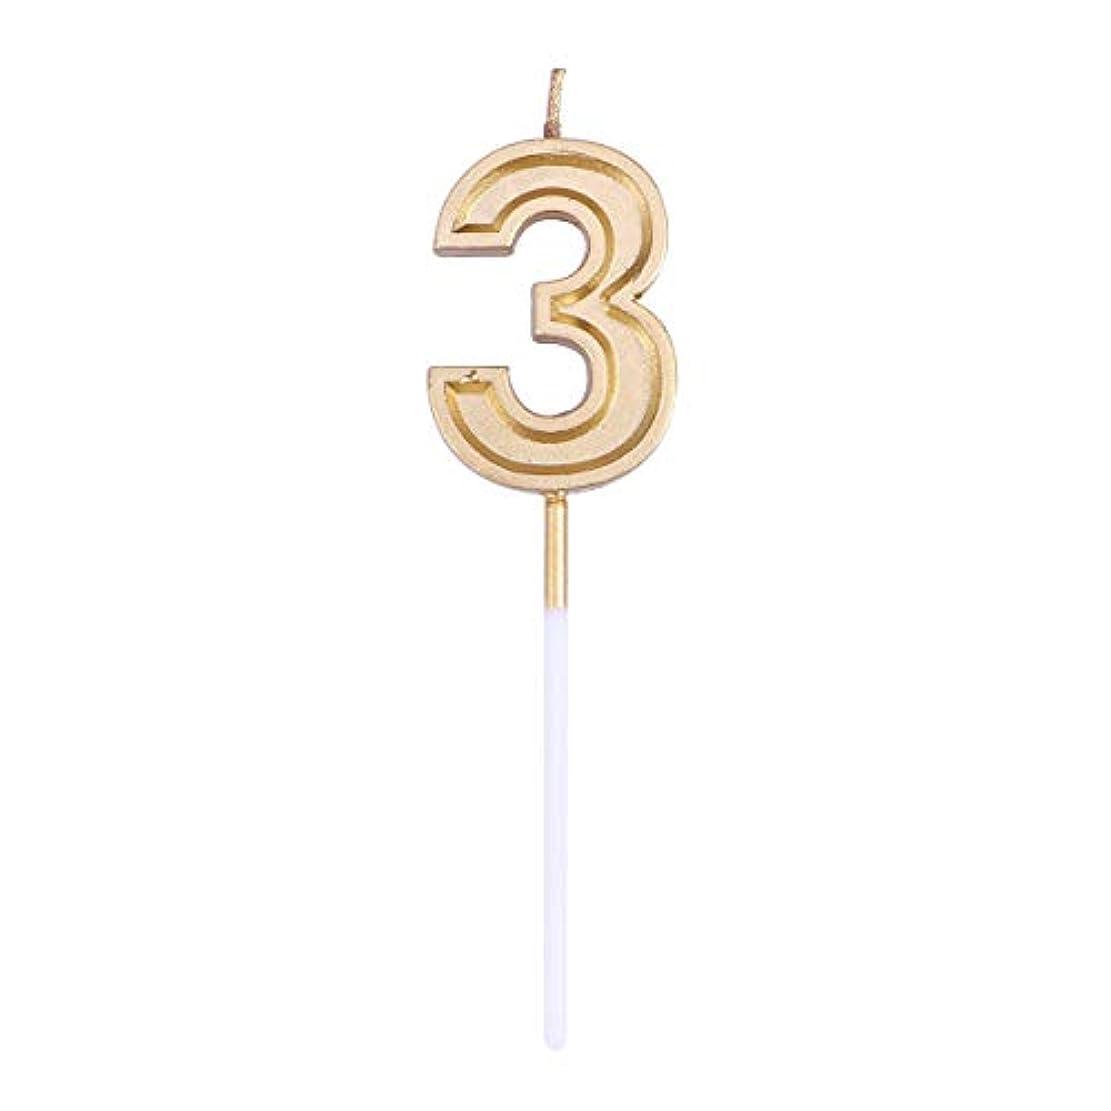 気になるダメージ前任者Toyvian ゴールドラメ誕生日おめでとう数字キャンドル番号キャンドルケーキトッパー装飾用大人キッズパーティー(番号3)